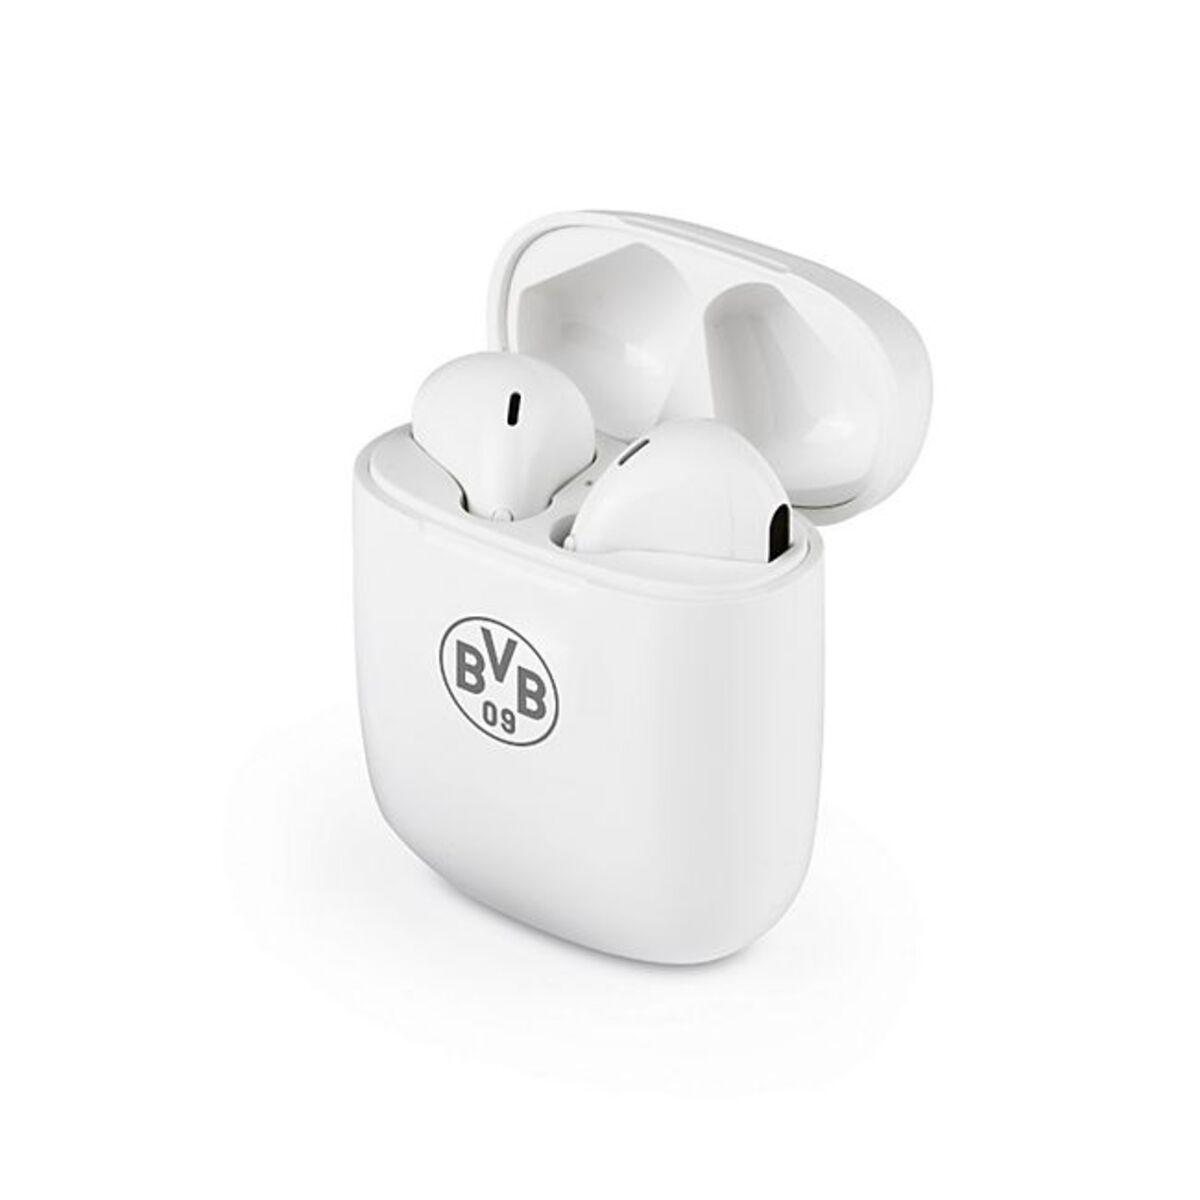 Bild 1 von BVB Kopfhörer In-Ear Bluetooth 5V weiß/grau mit Logo